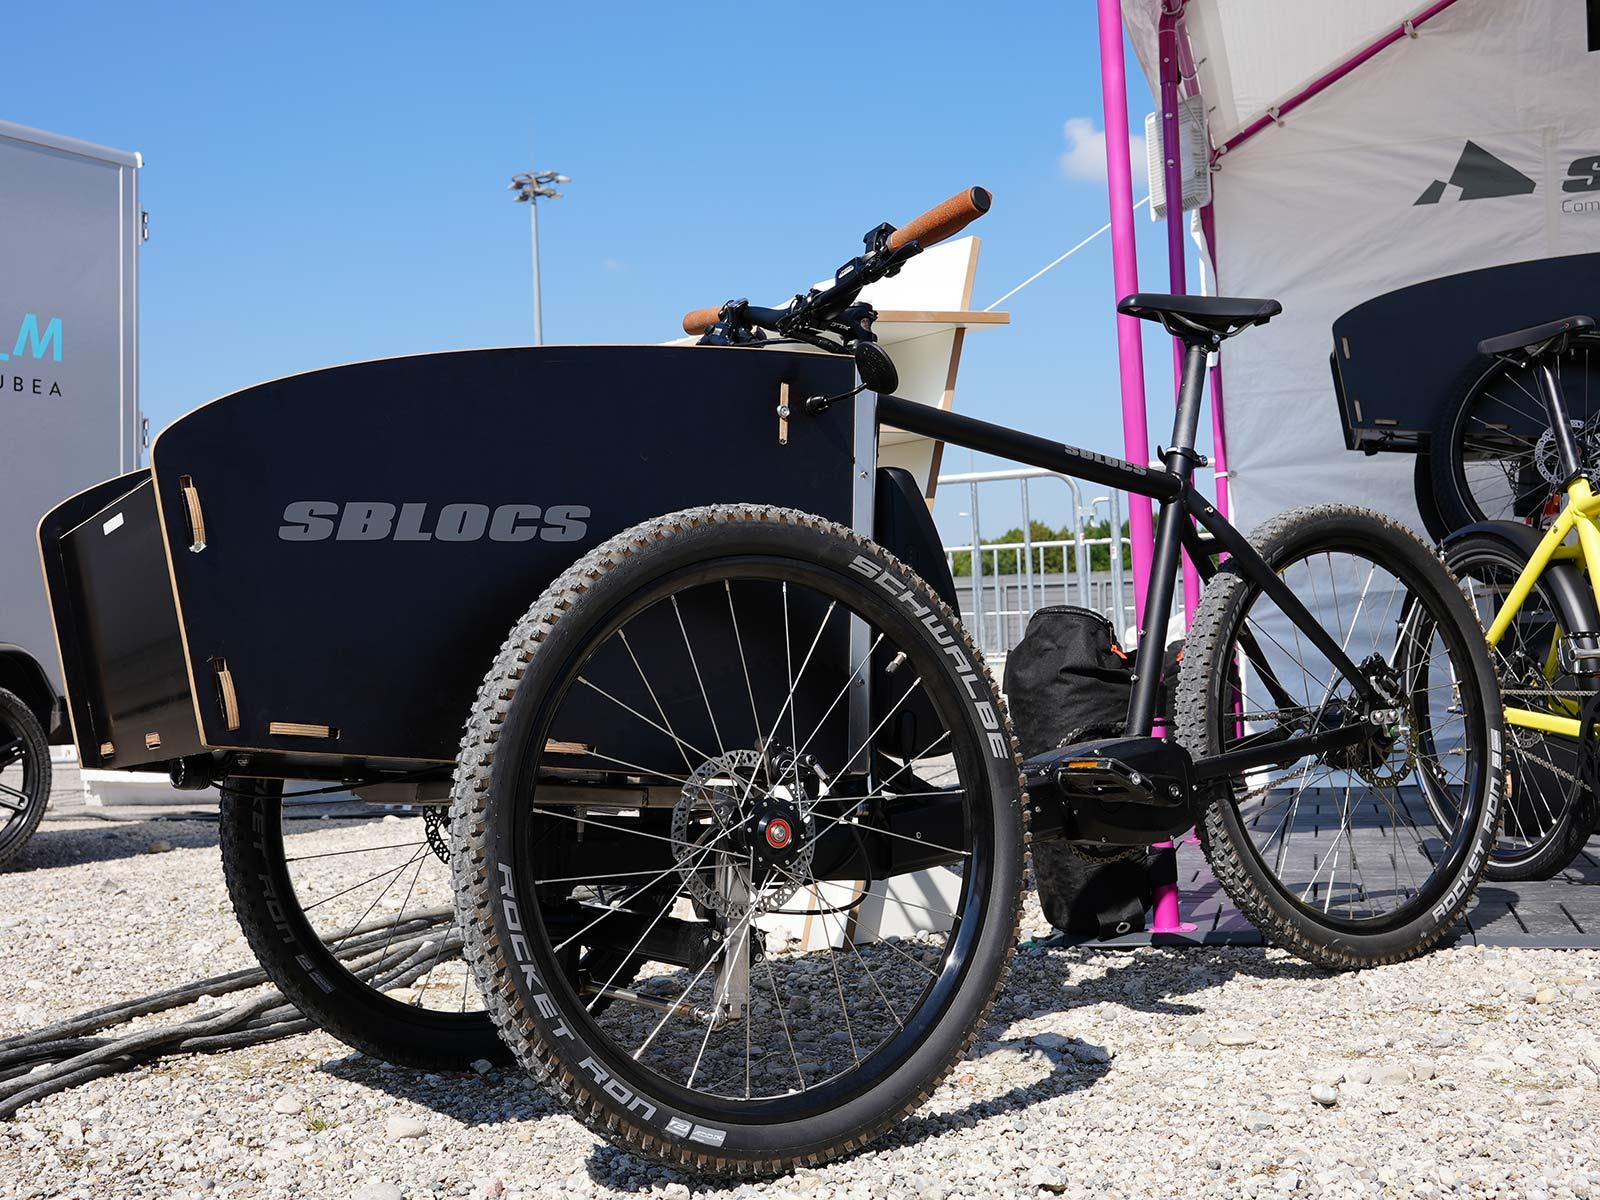 Kargo Bisikletleri, Eurobike 2021'de daha büyük, daha cesur tasarımlar ve teknoloji kazanıyor